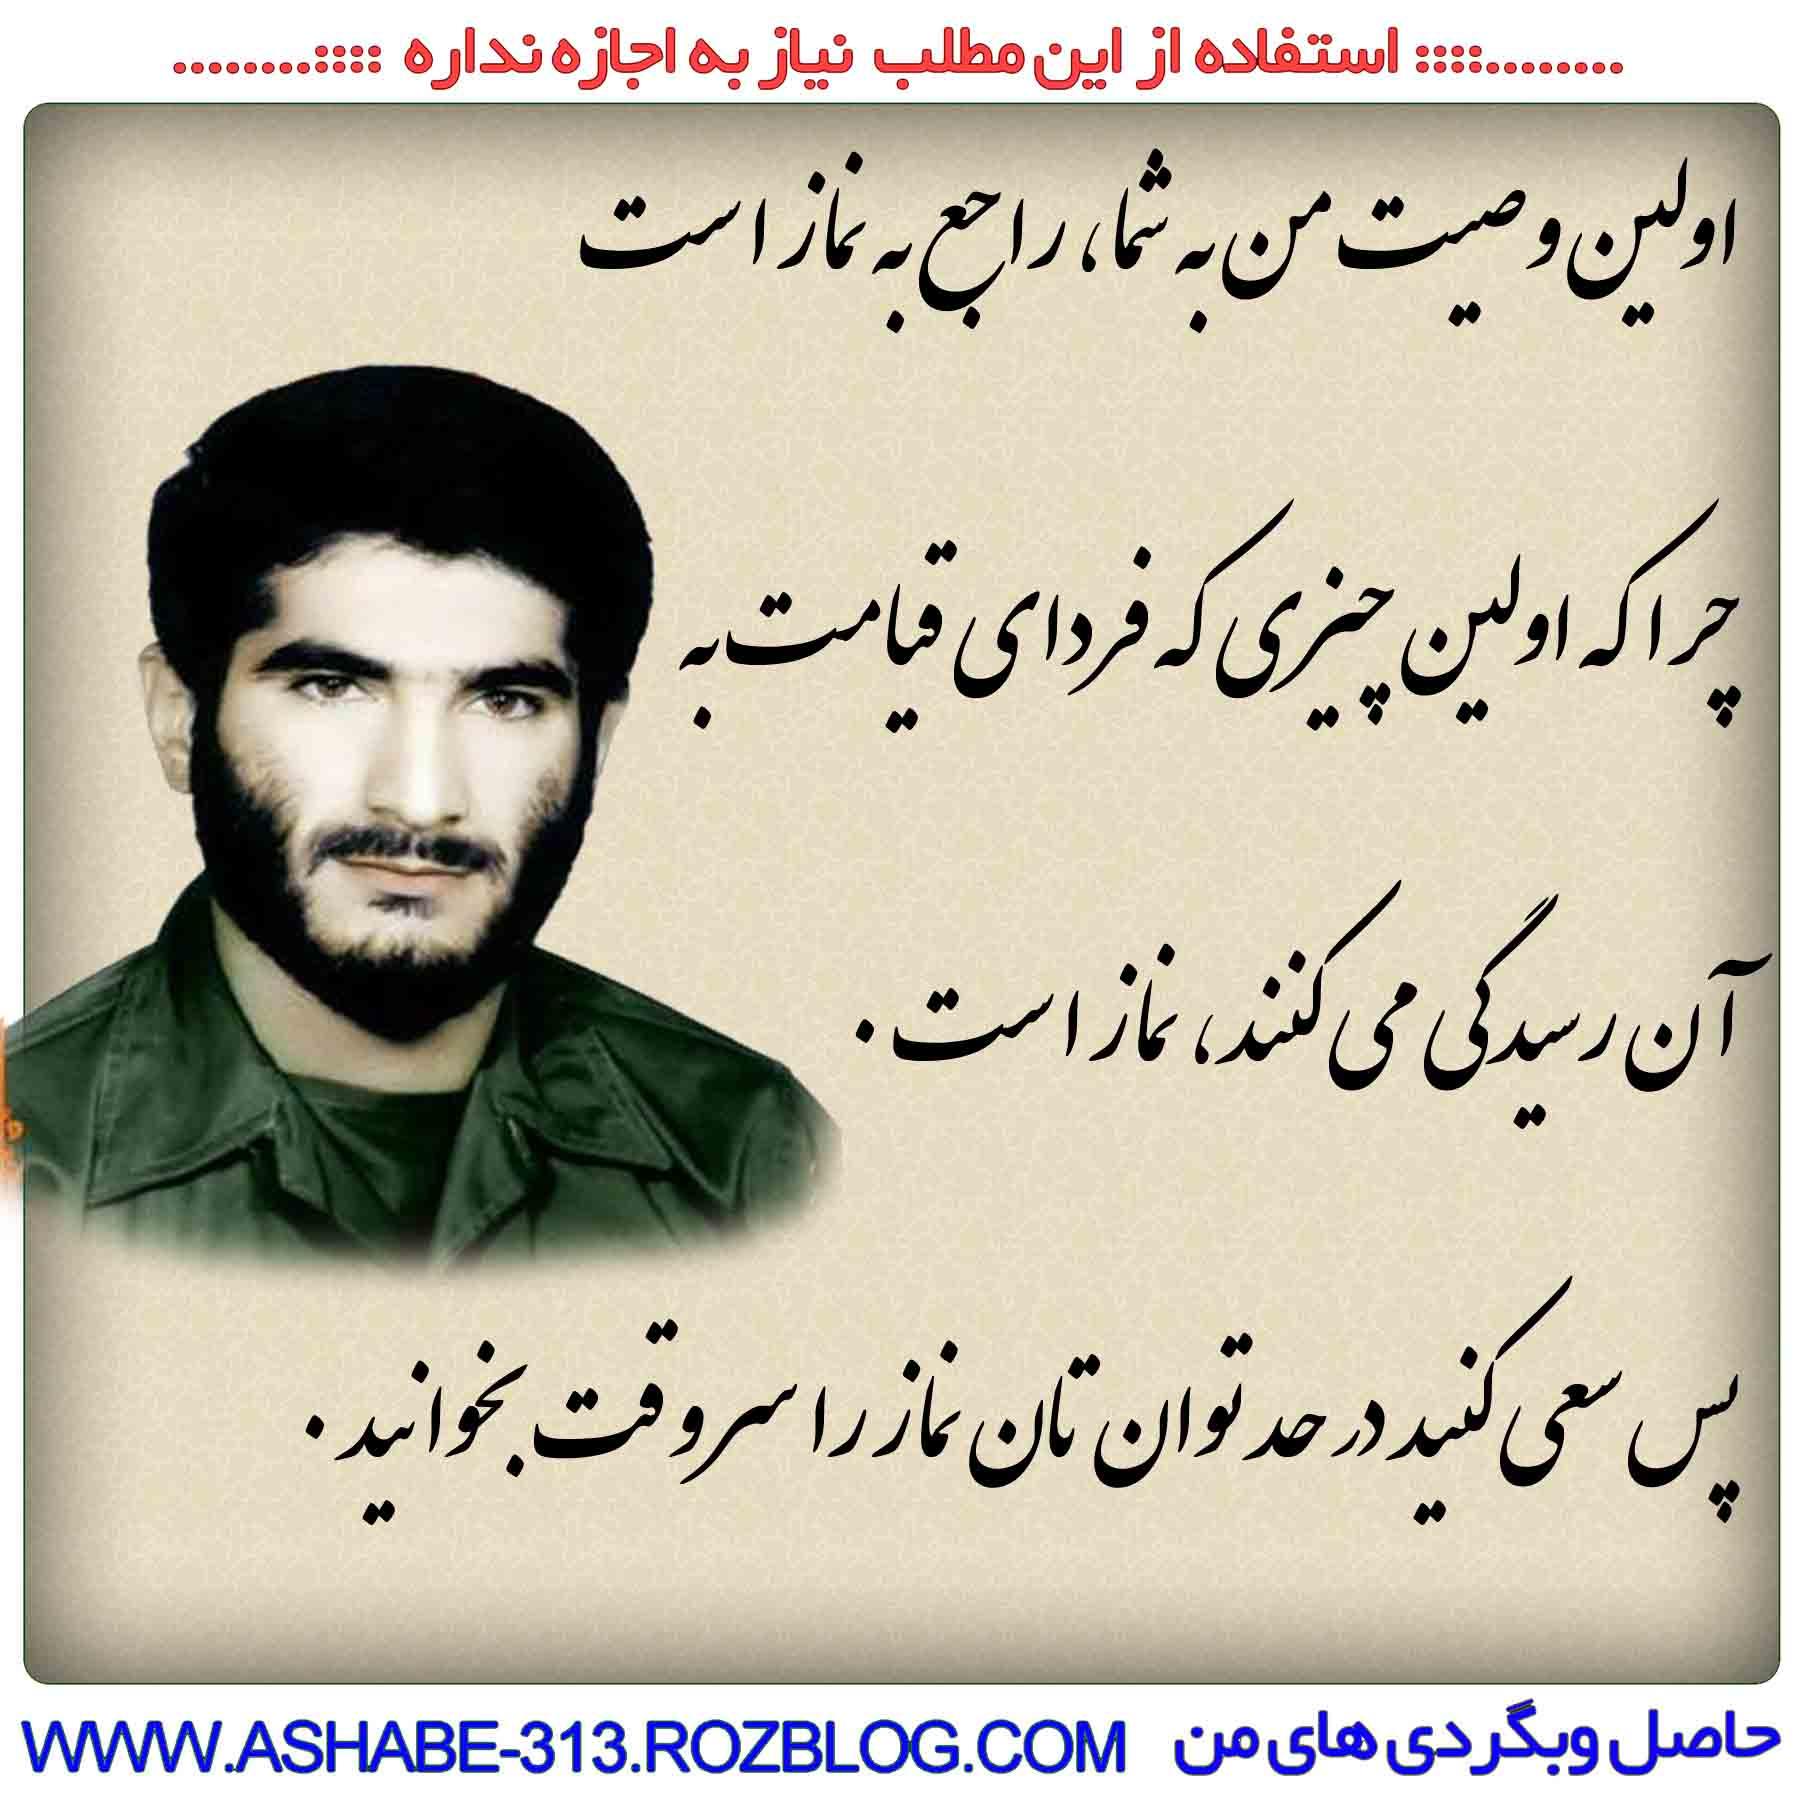 توصیه سید مجتبی علمدار به جوانان ...